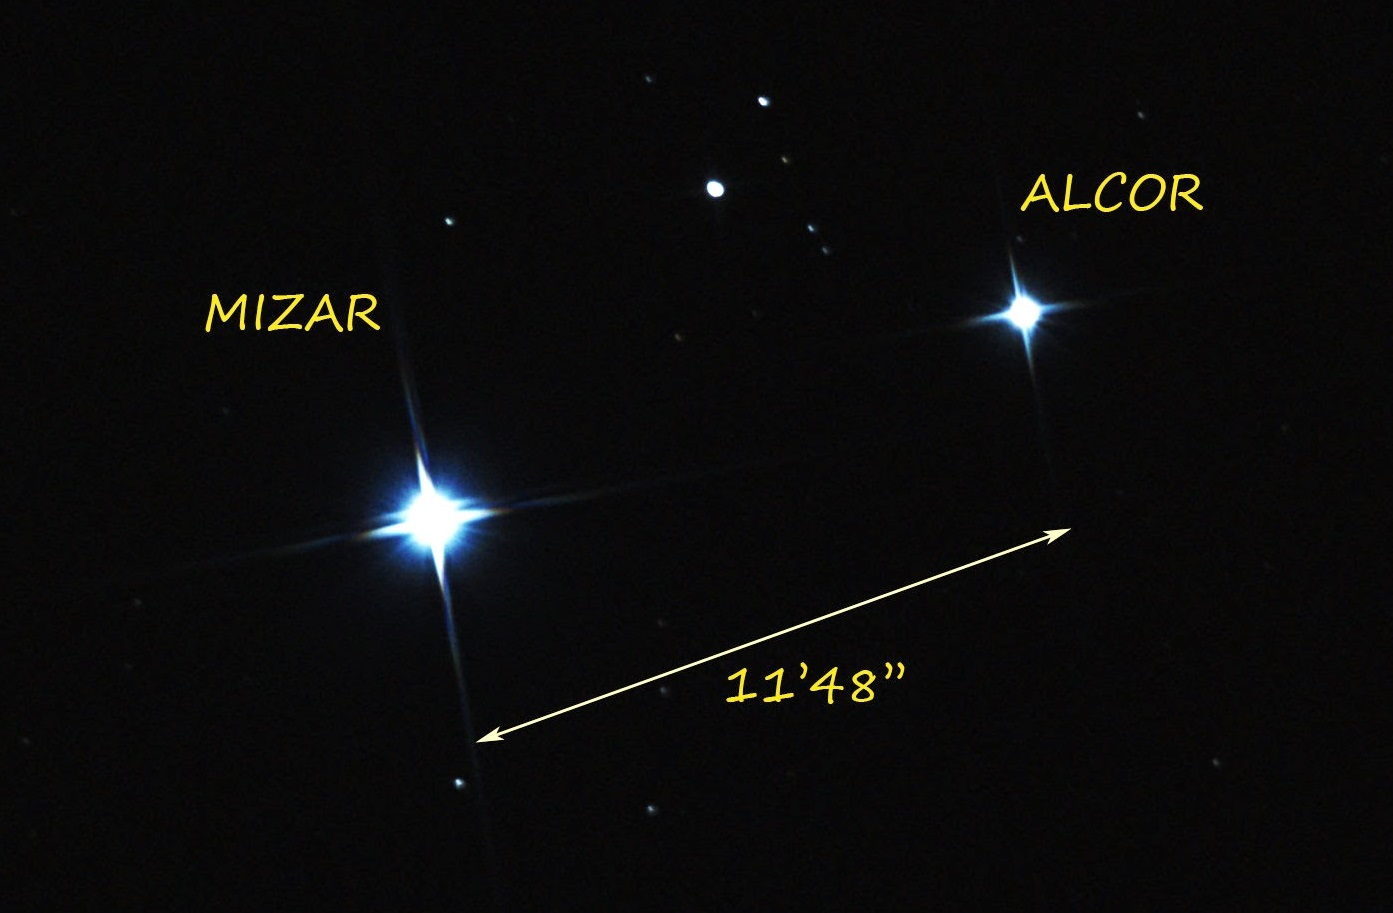 Mizar e Alcor sono stelle che si trovano nella costellazione dell'Orsa Maggiore molto famose per essere una delle poche stelle doppie visuali.